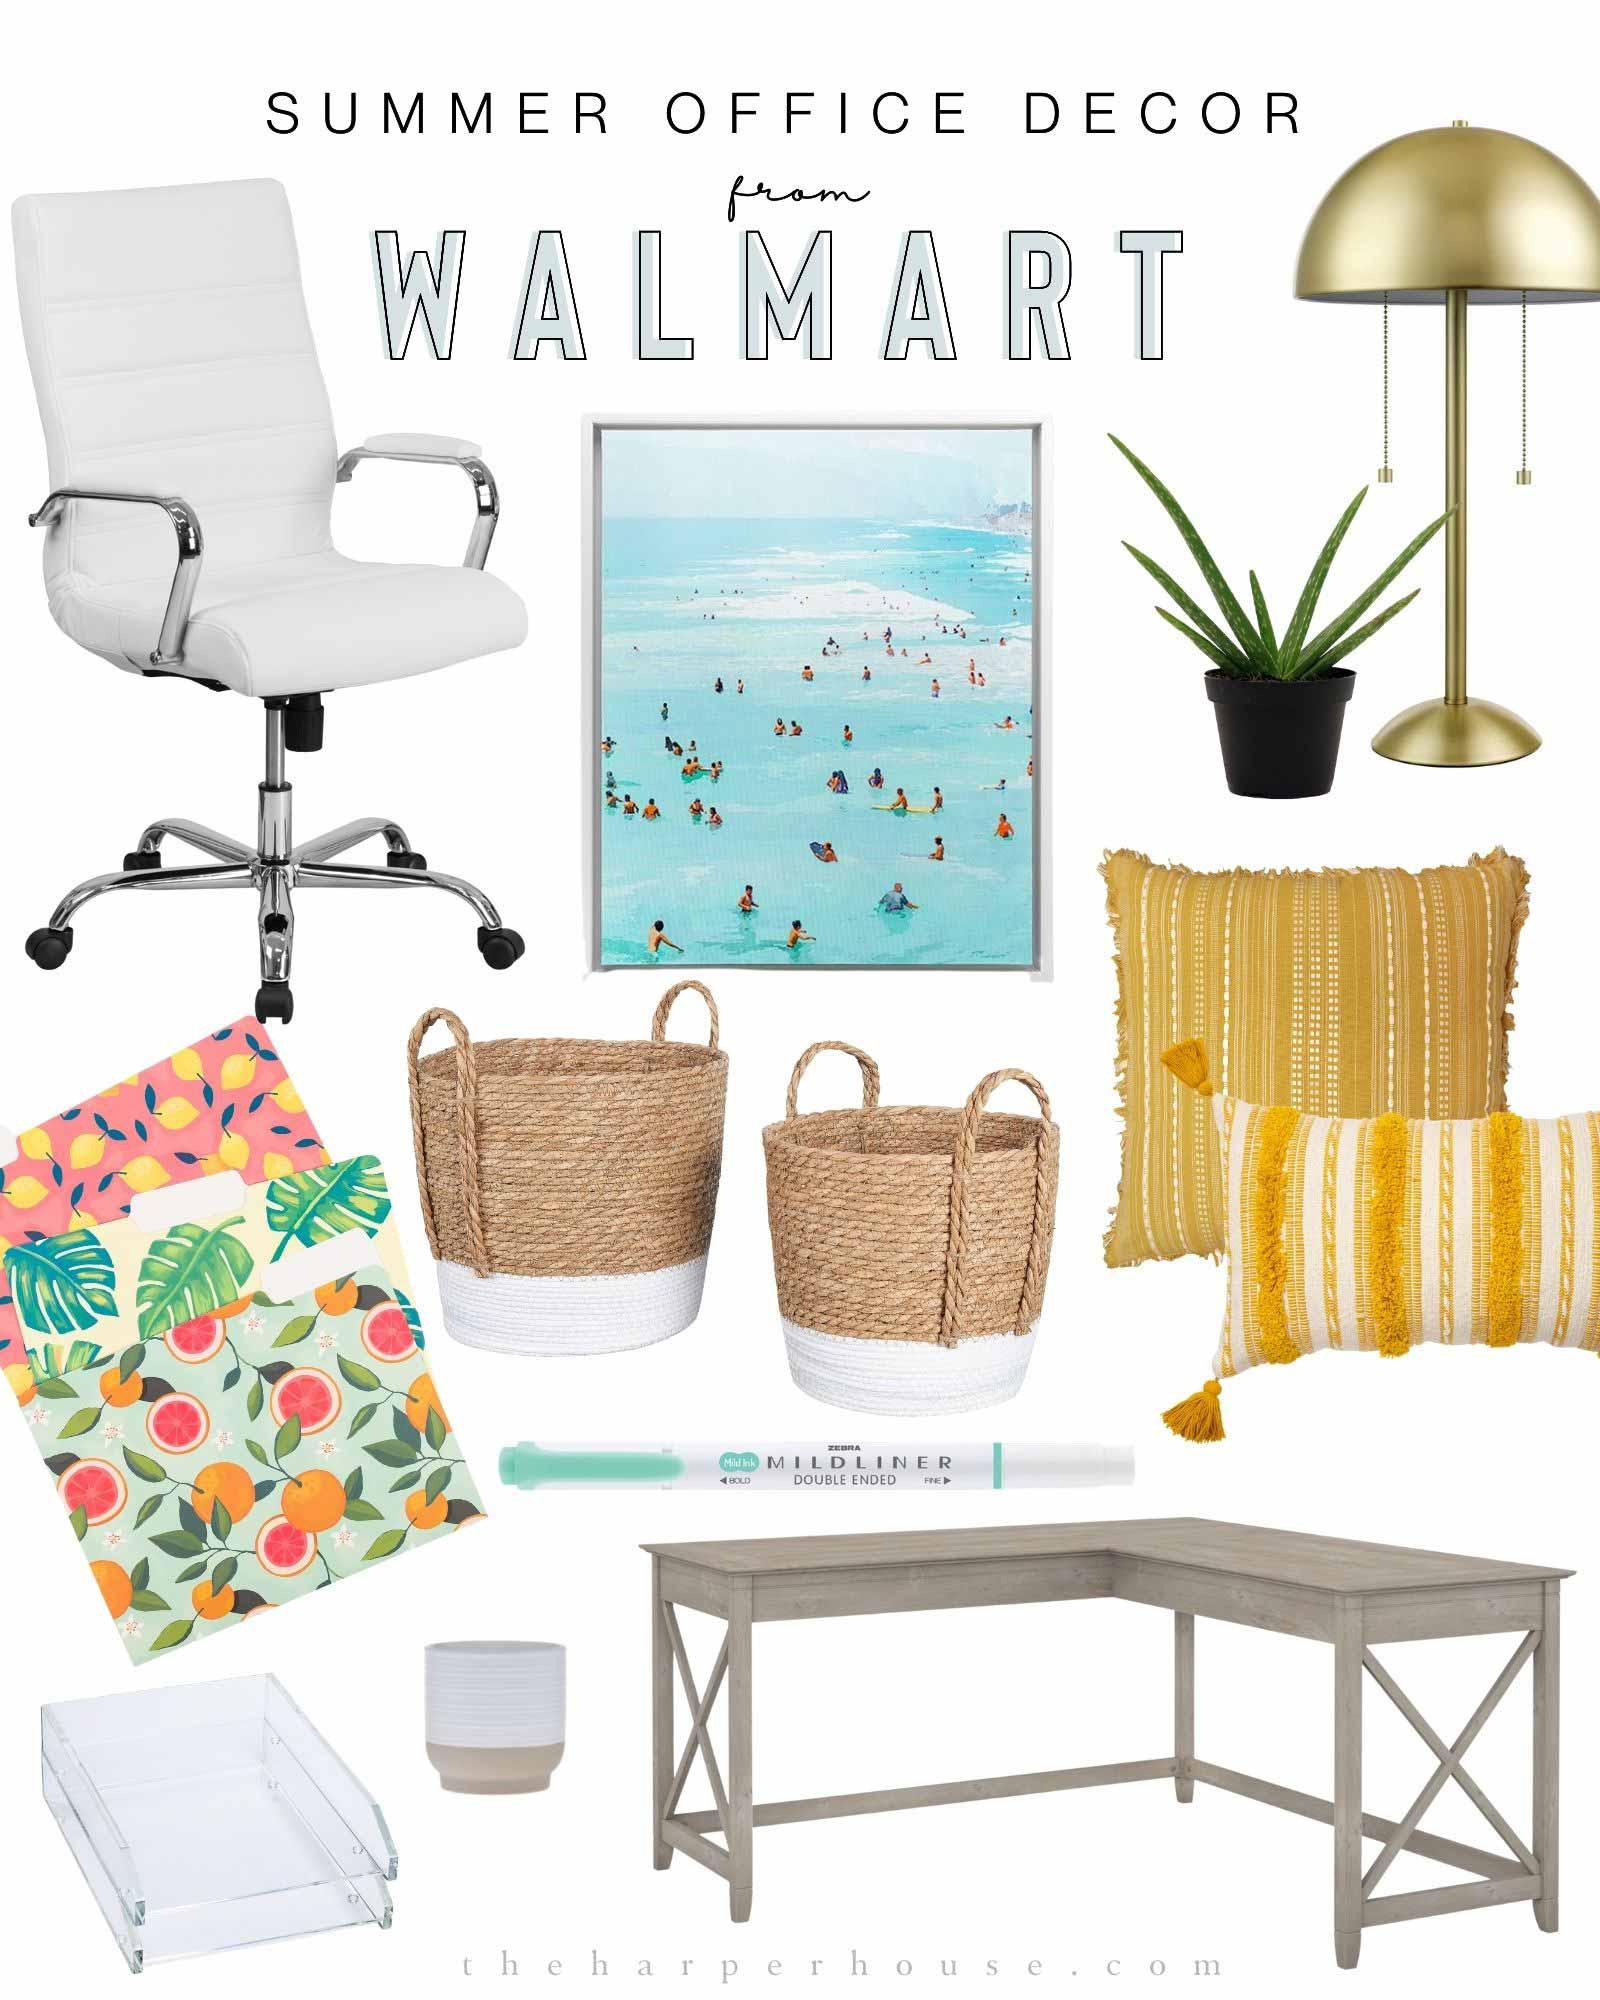 summer office decor from walmart